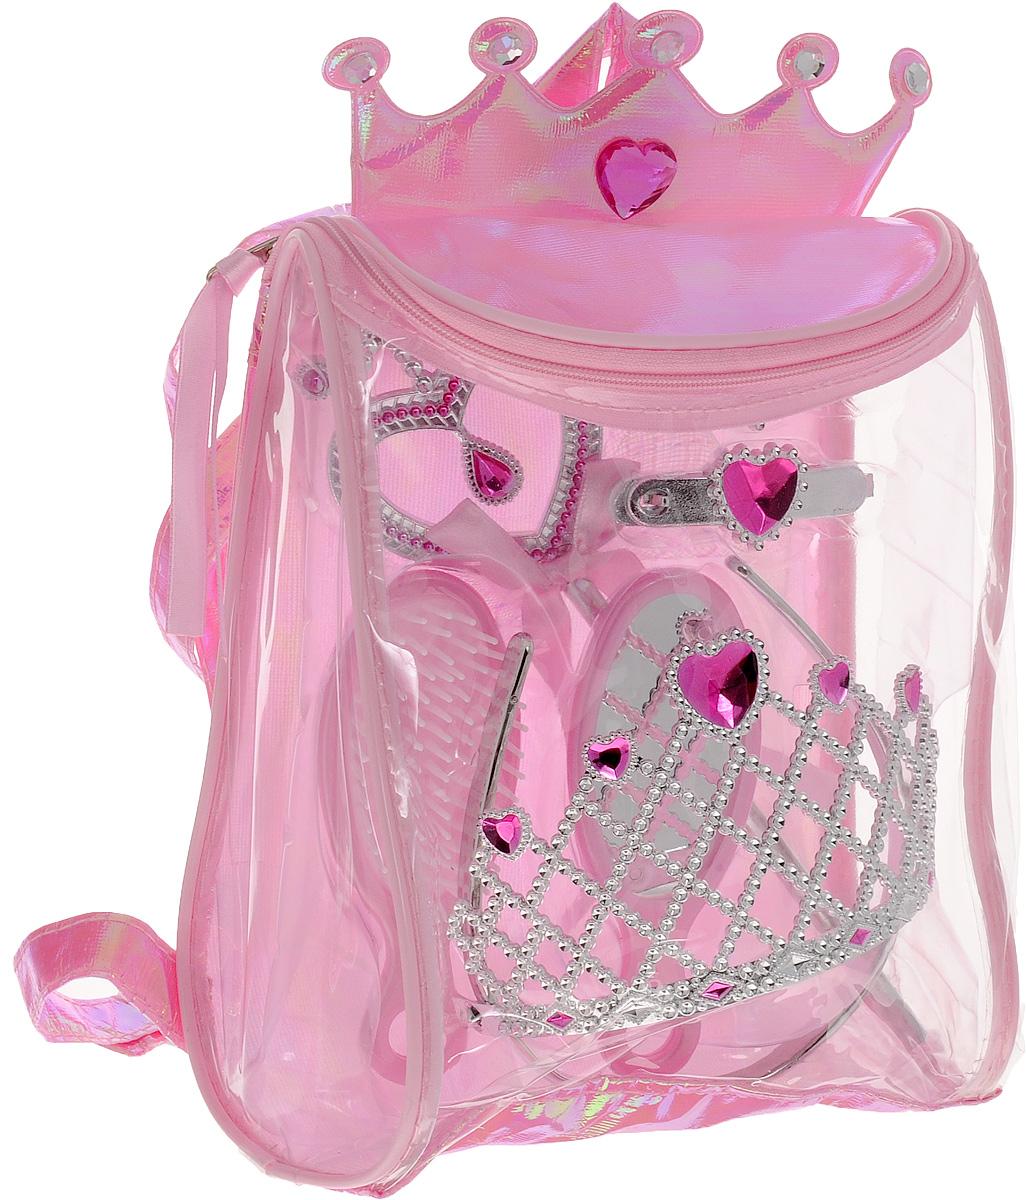 Boley Игровой набор Fantasy Girls Рюкзачок с аксессуарами цвет розовый82442Игровой набор Boley Fantasy Girls - станет отличным подарком к любому празднику для вашей маленькой принцессы. Набор содержит расческу, зеркало, две заколки, корону на ободке и волшебную палочку. Все элементы набора выполнены из высококачественных, экологически чистых материалов, совершенно безопасных для ребенка. Украшения выглядят ярко и очень эффектно. Набор упакован в замечательный прозрачный рюкзачок. Рюкзак содержит одно отделение и закрывается на клапан с молнией. Верхняя часть рюкзачка украшена мягкой короной с крупными стразами. Девочка может носить рюкзак за ручку или одевать на спину. Лямки можно регулировать по длине. С таким набором ваша малышка почувствует себя настоящей принцессой!